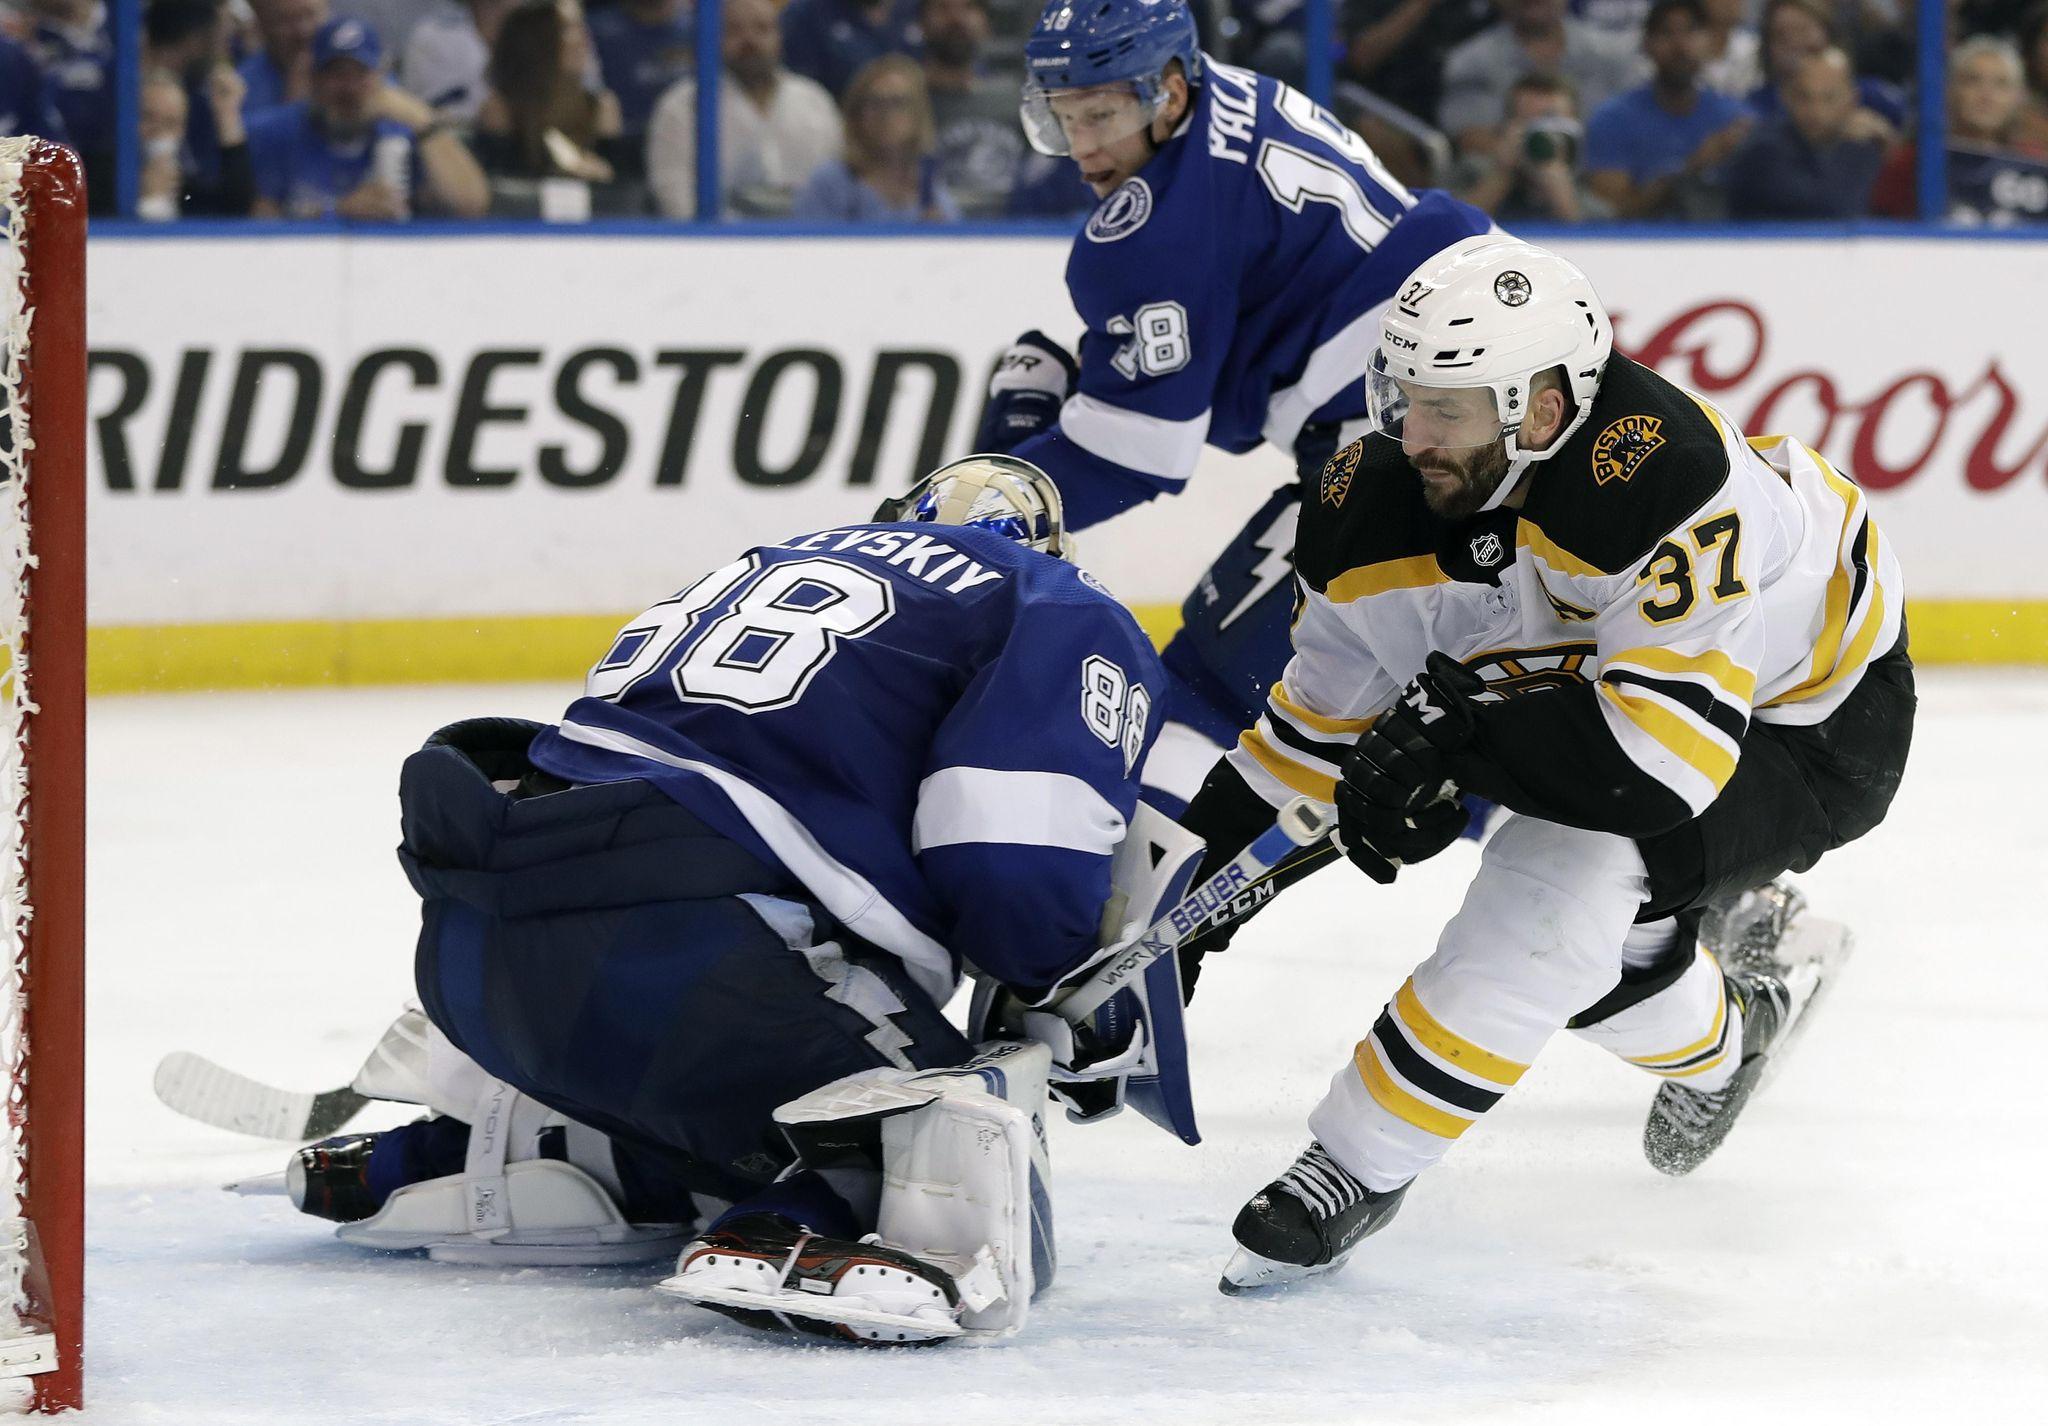 Bruins_lightning_hockey_31978_s2048x1426